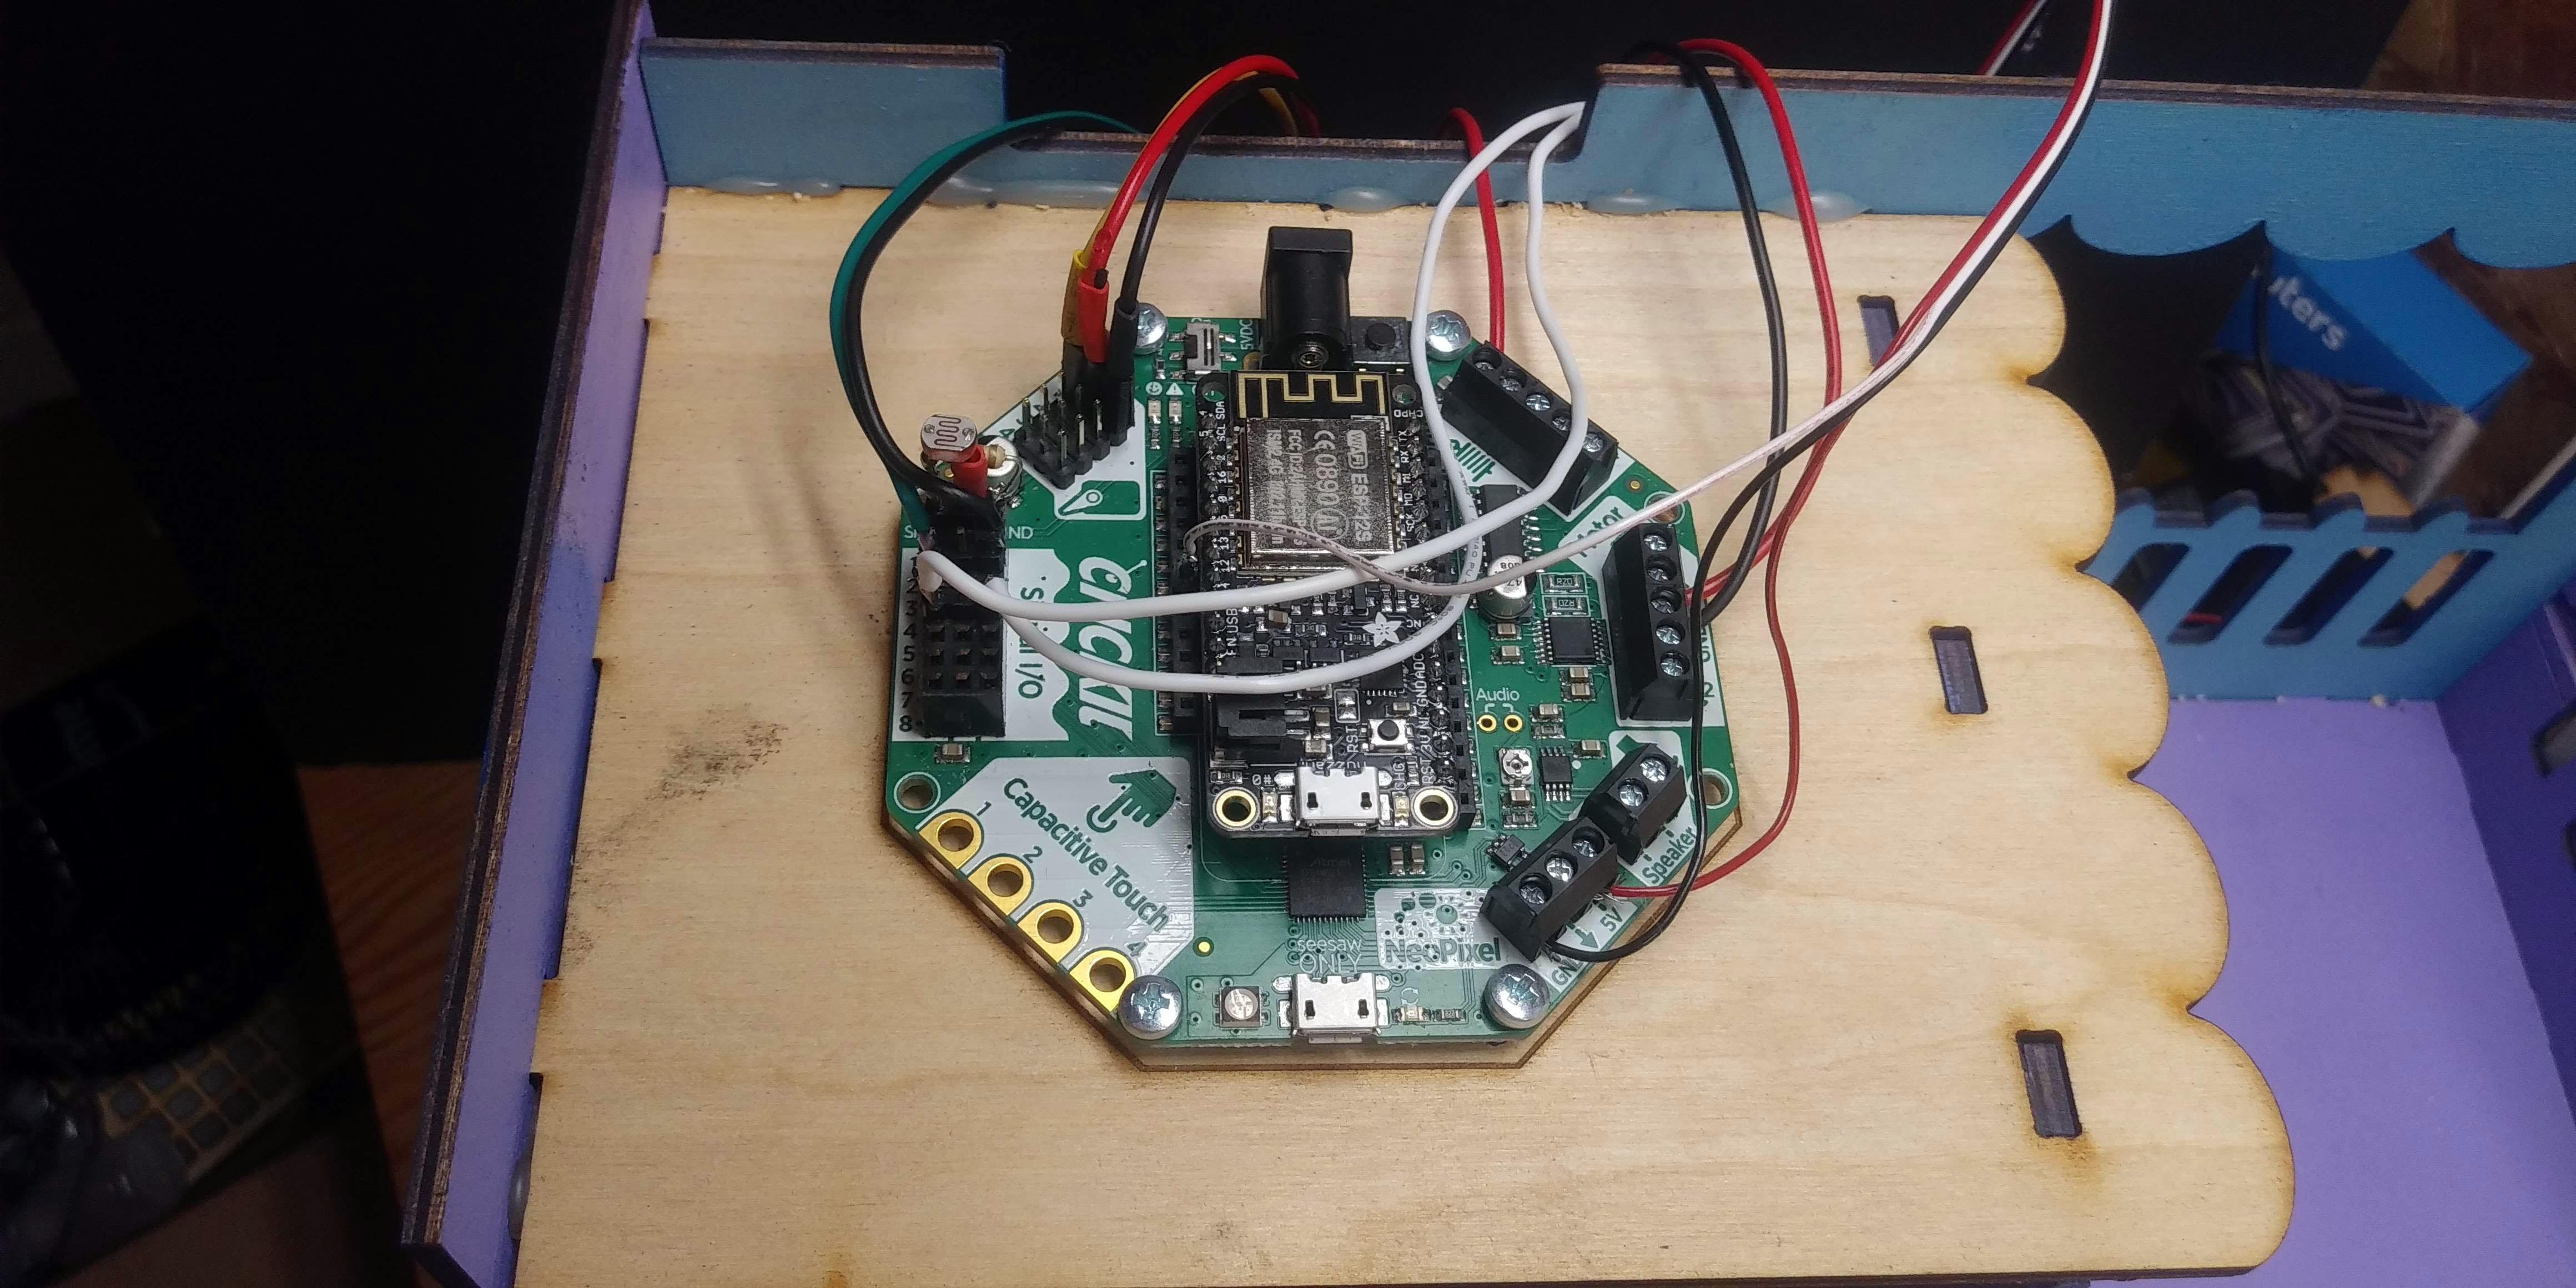 internet_of_things___iot_Wires.jpg